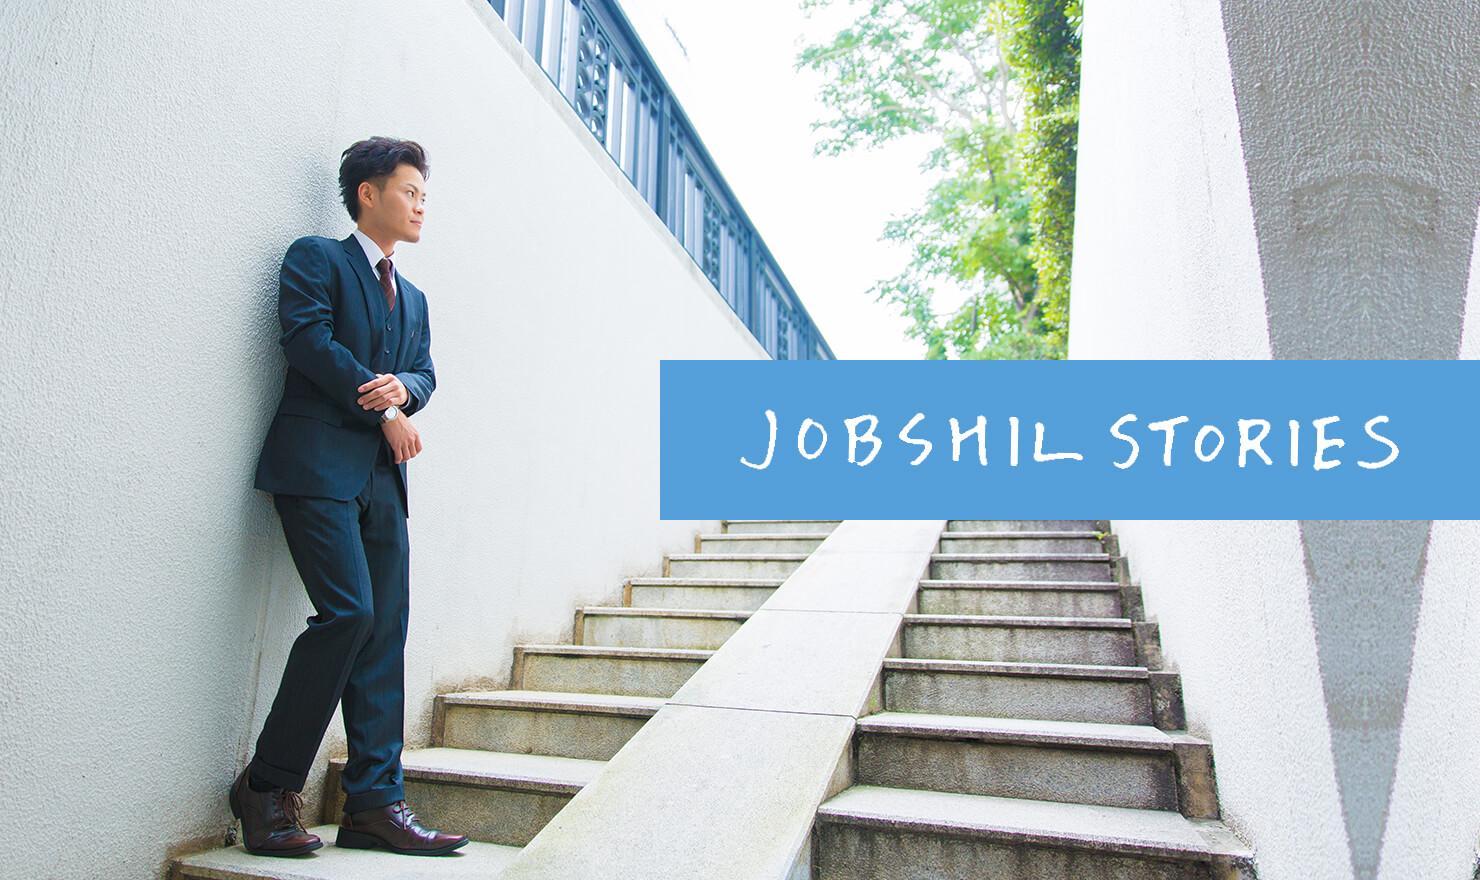 3年間の契約社員採用で未来を変える。リクルートライフスタイル【PR】 | JOBSHIL